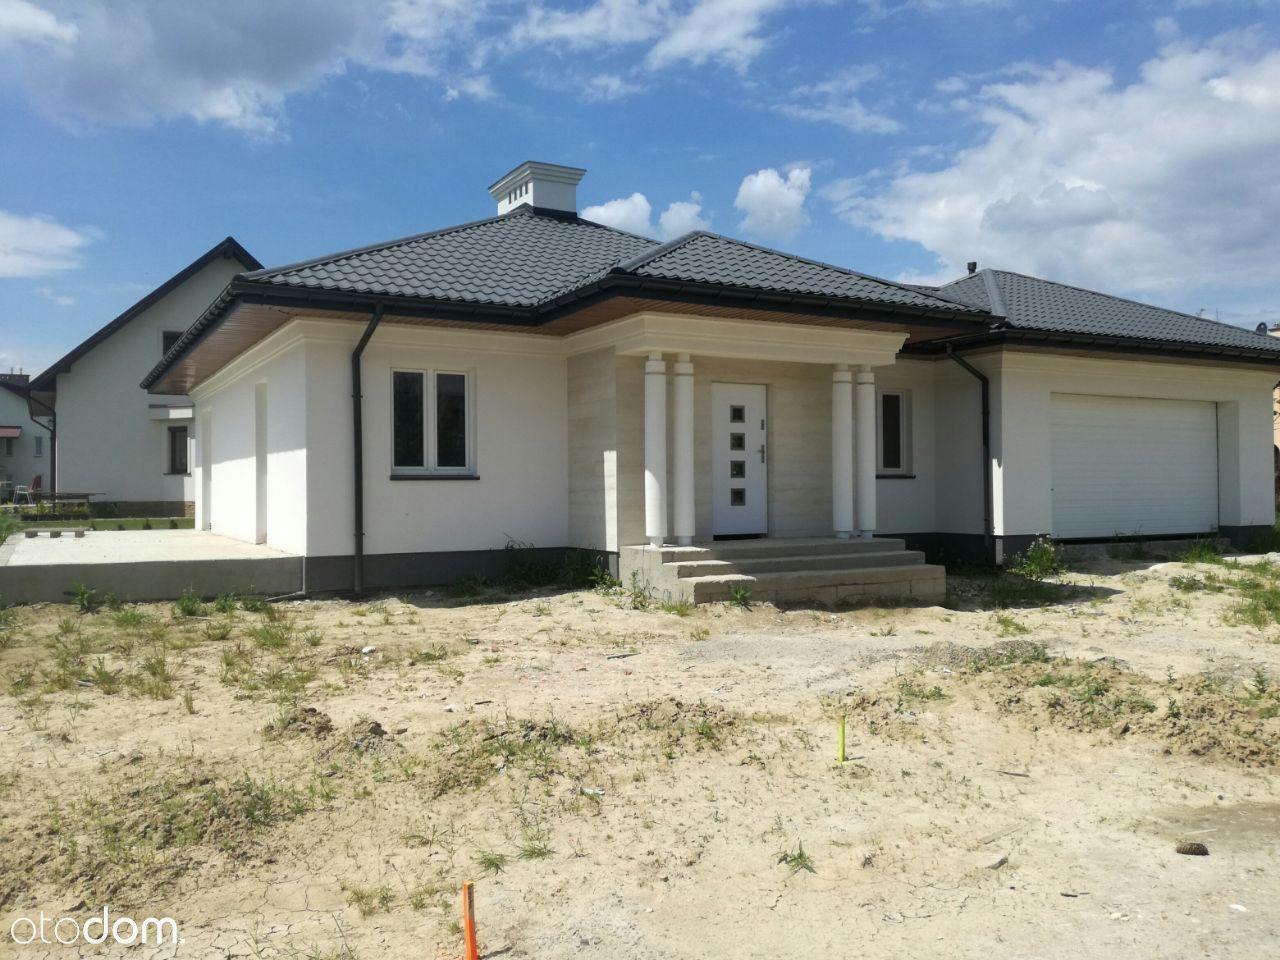 Dom na sprzedaż, Babica, strzyżowski, podkarpackie - Foto 1